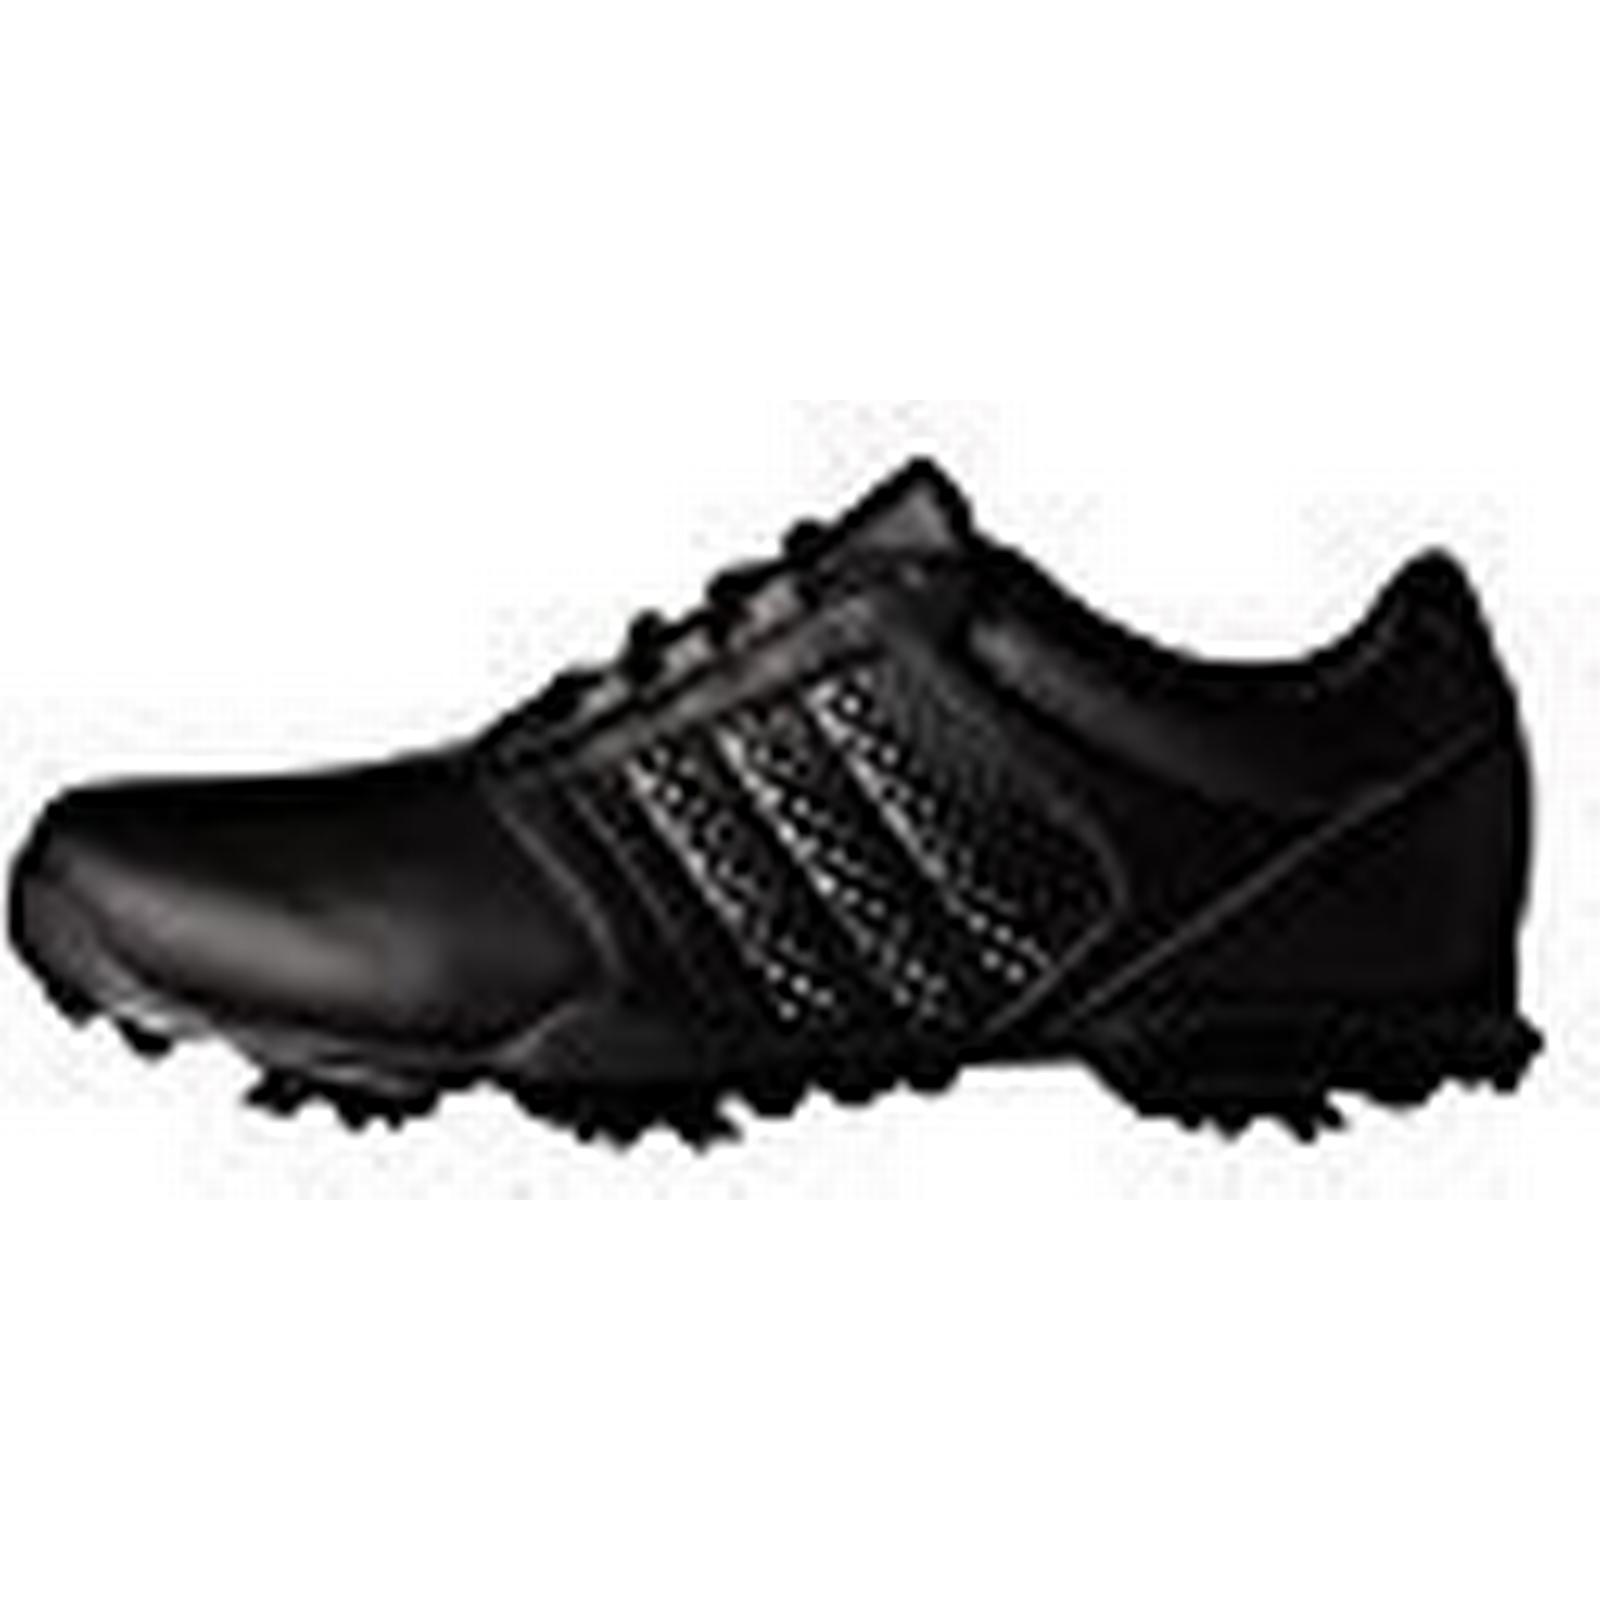 Adidas Adipure Tour W Golf Shoes, Women, Women, W Tour Adipure Tour, Black/Silver, 36.6 6027e3